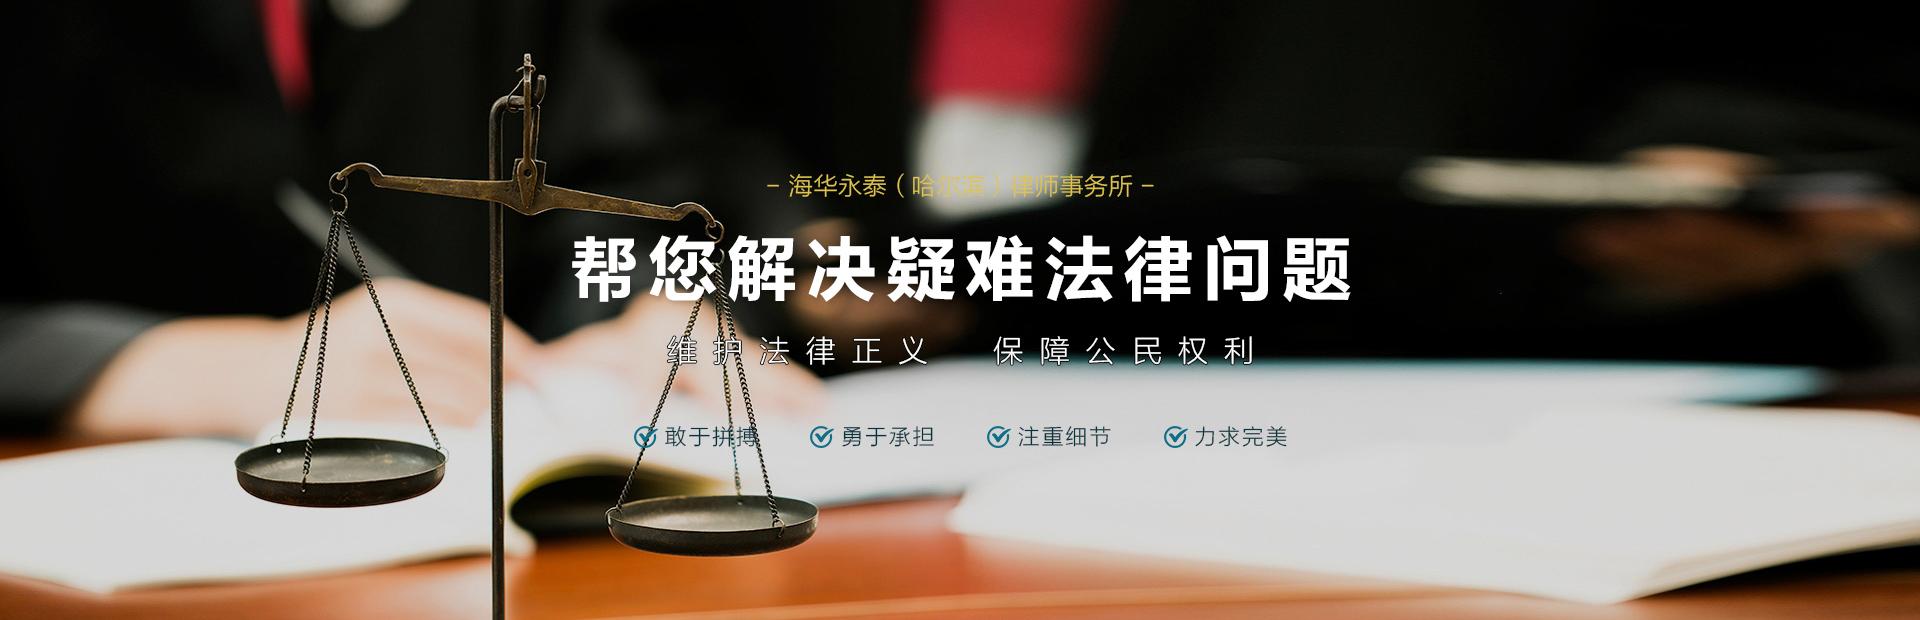 黑龙江律师